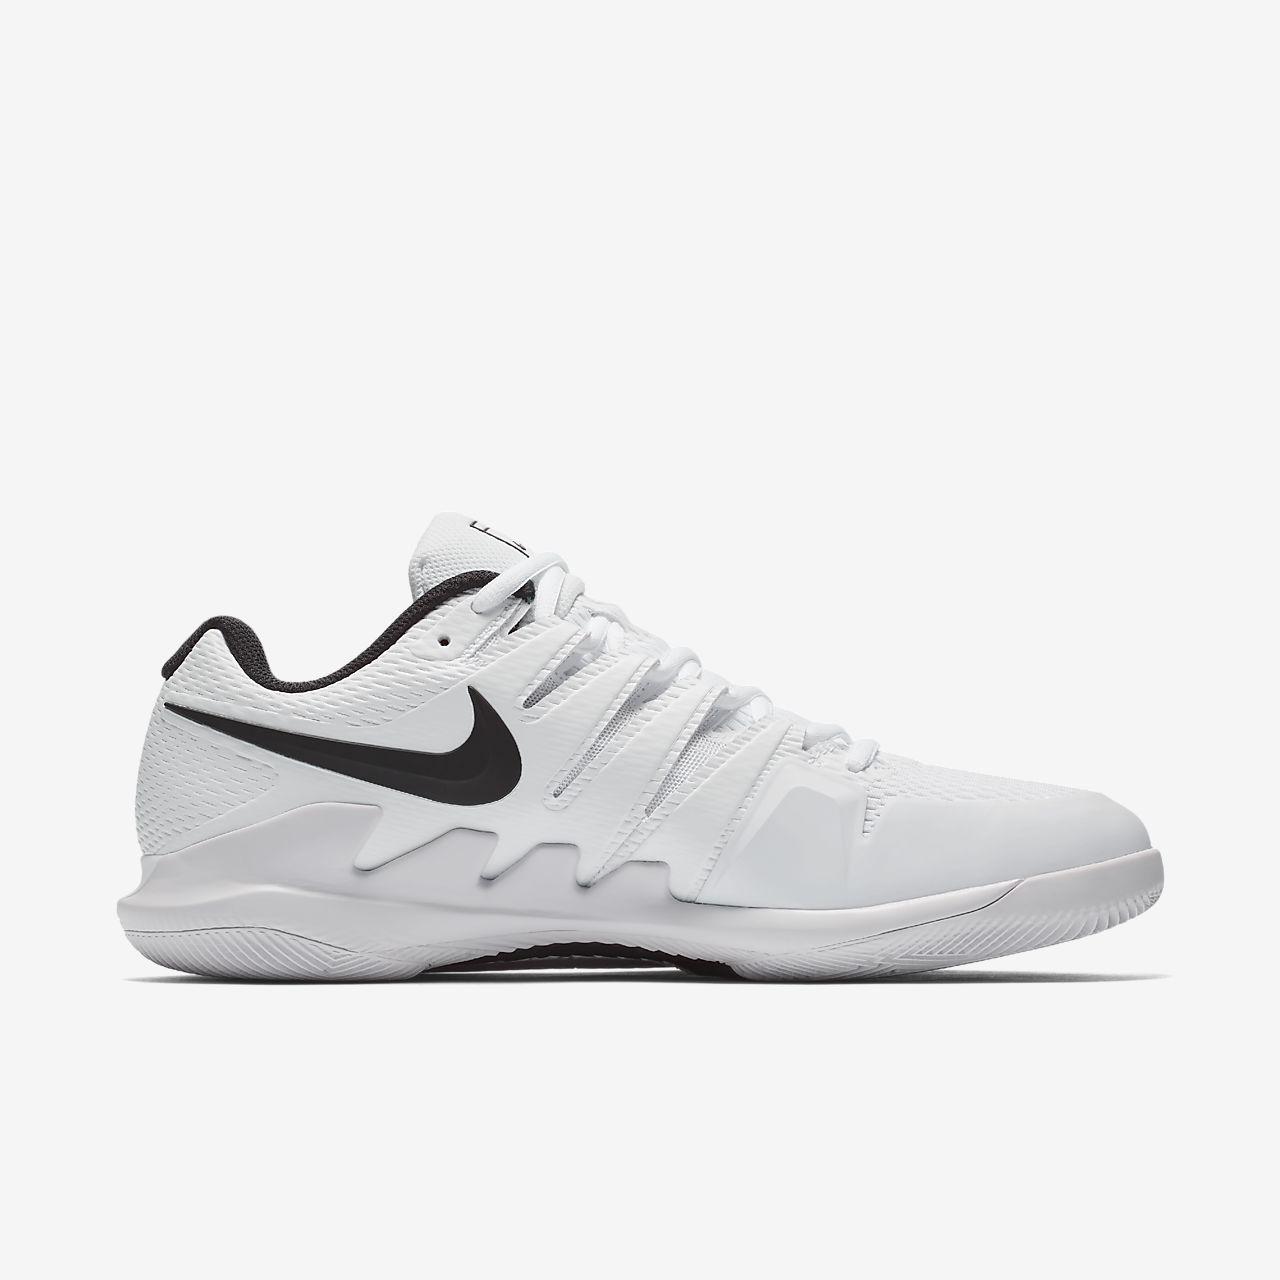 scarpe tennis uomo nike vapor